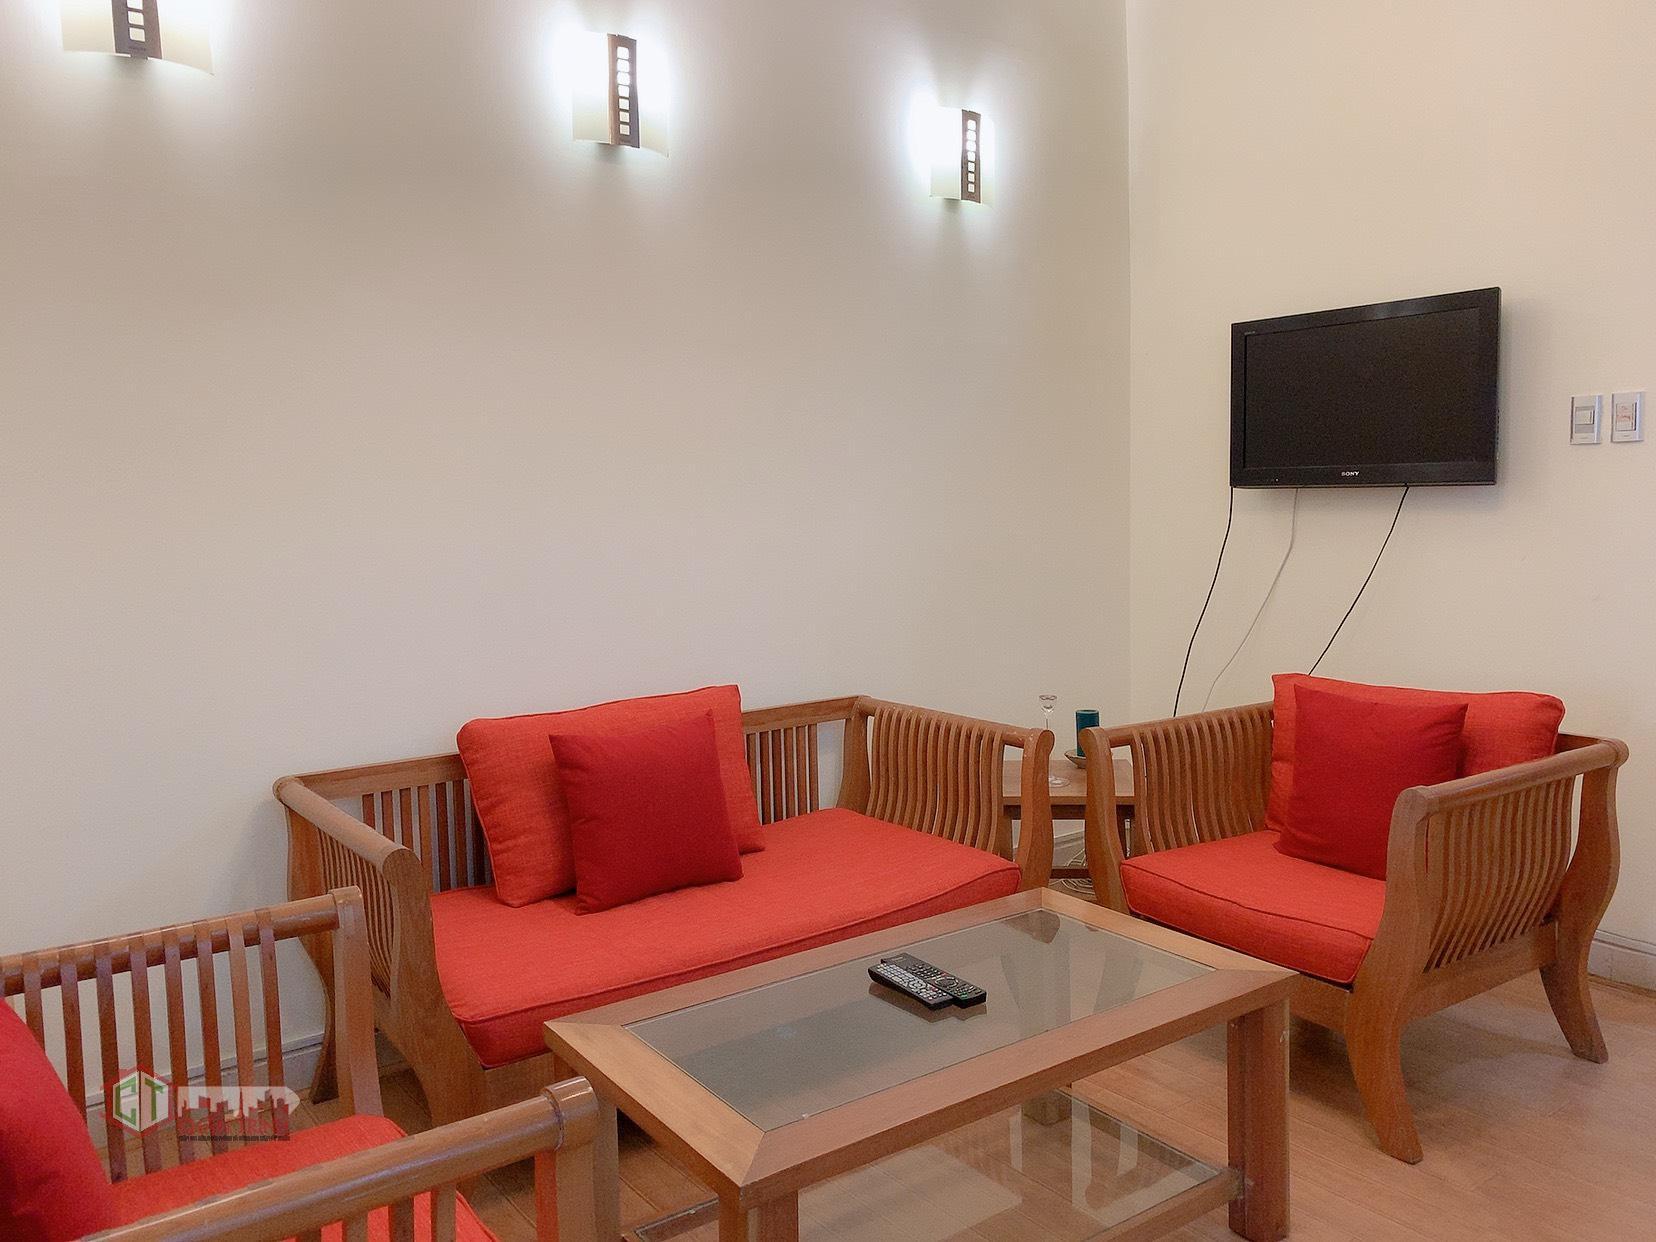 Cho thuê căn hộ 2 phòng 85m2 - Phòng khách